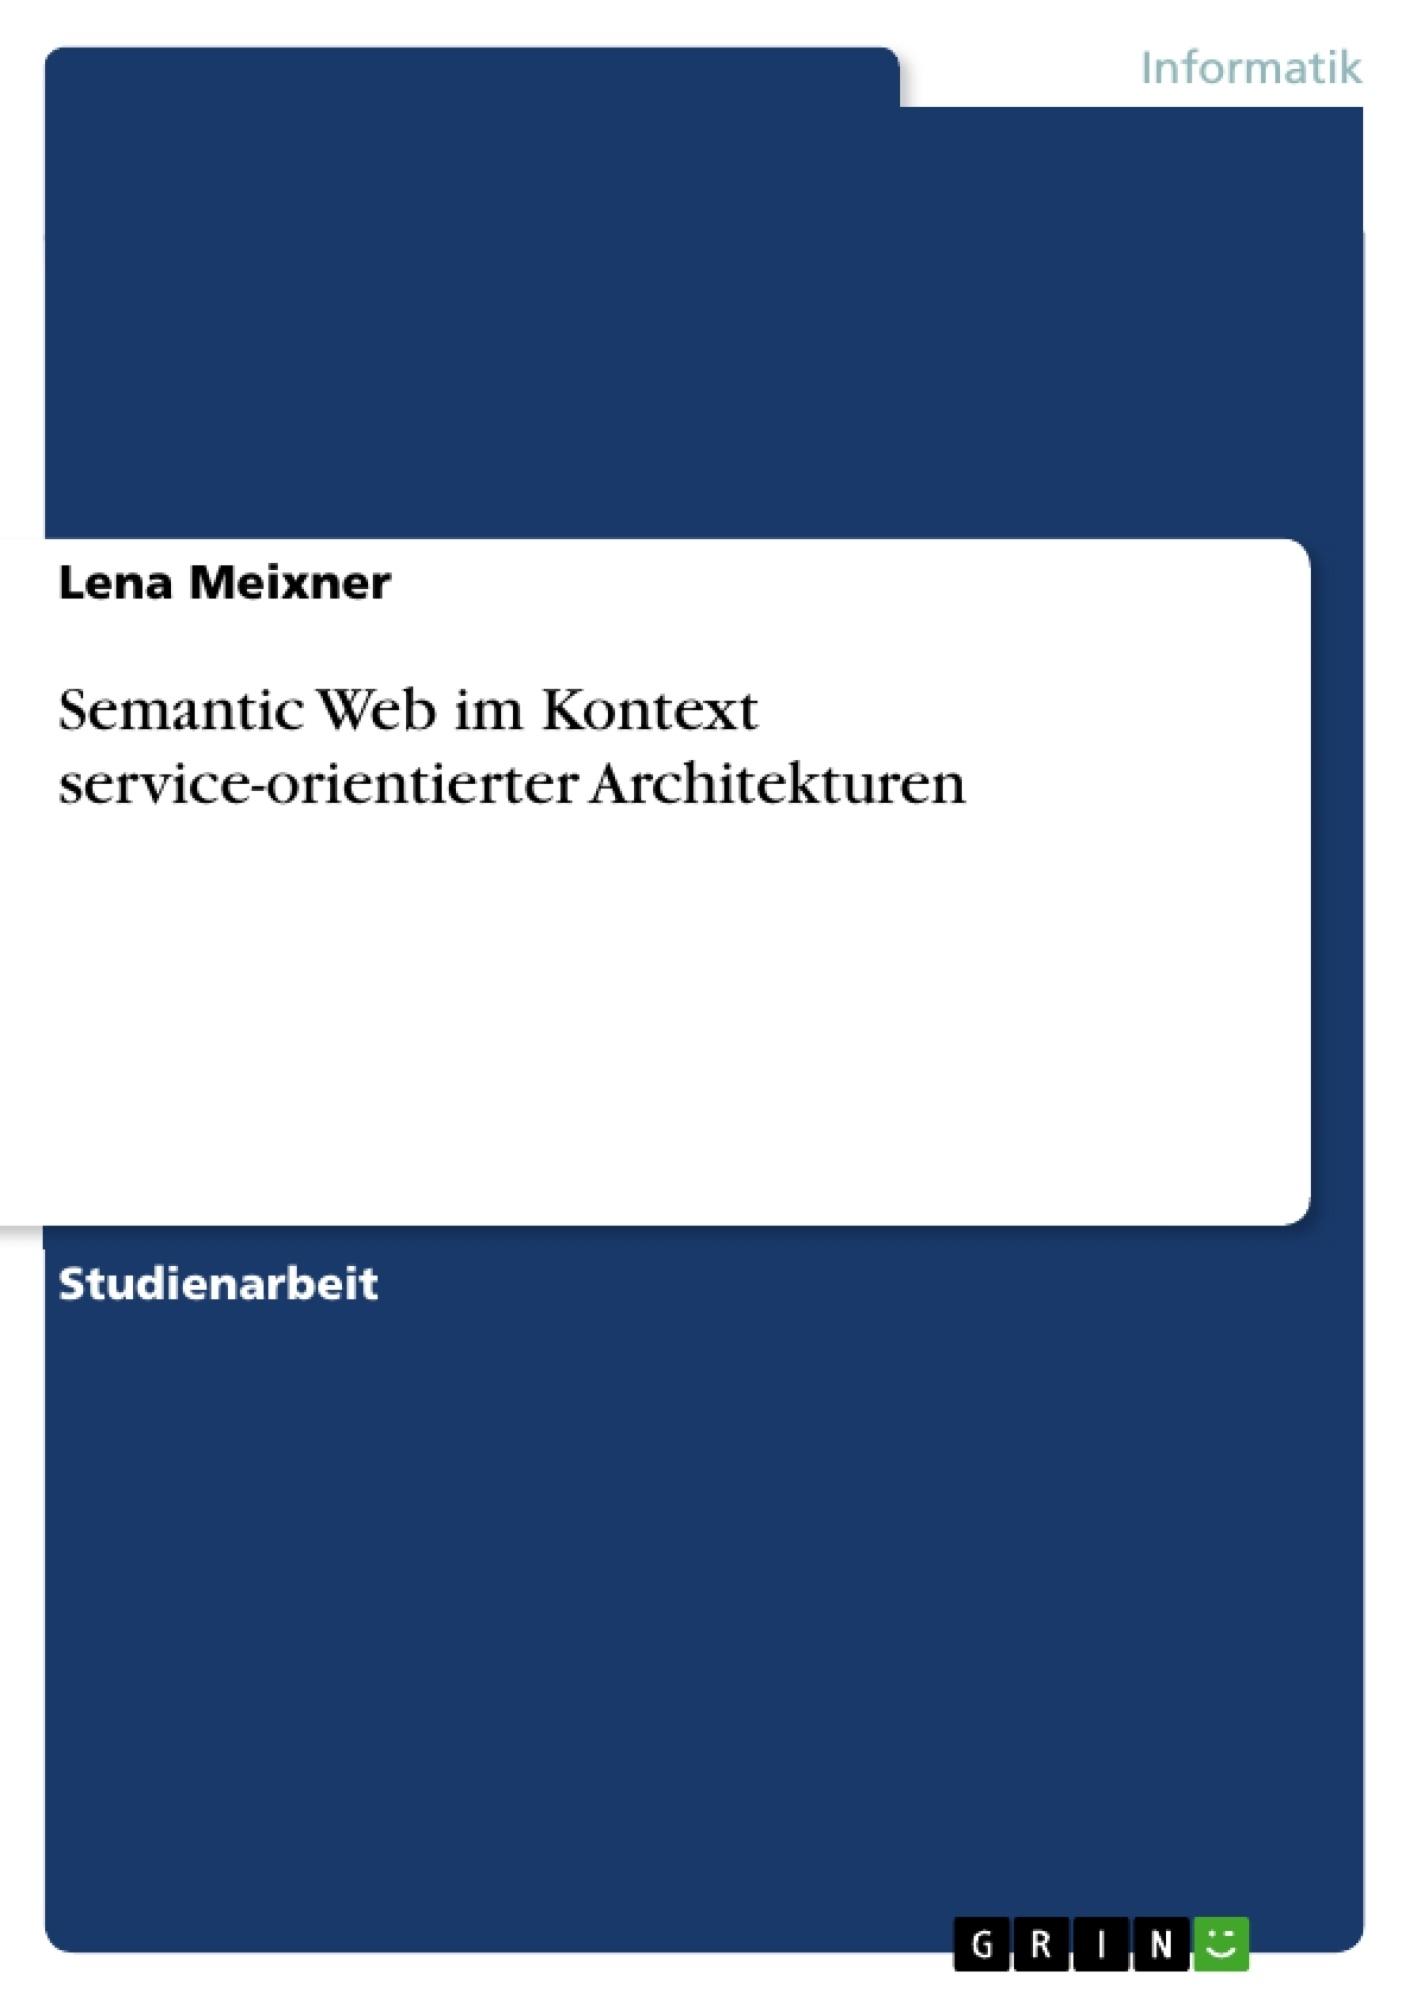 Titel: Semantic Web im Kontext service-orientierter Architekturen